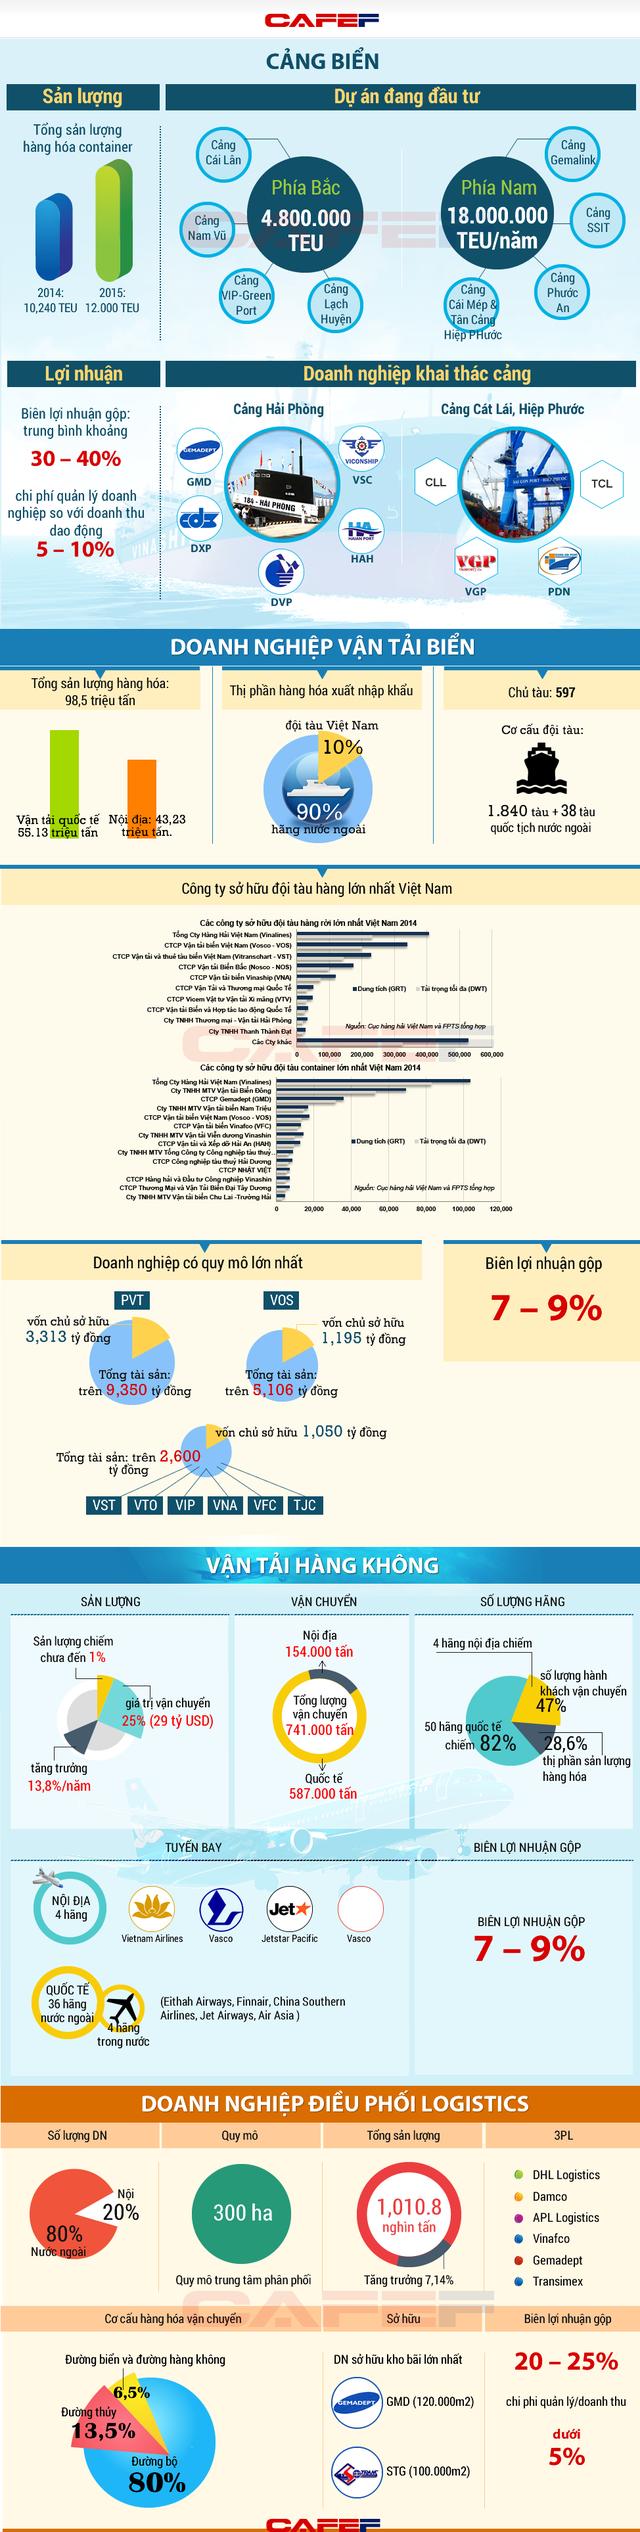 <br /> Nguồn: Tổng cục Thống kê và FPTS tổng hợp<br />